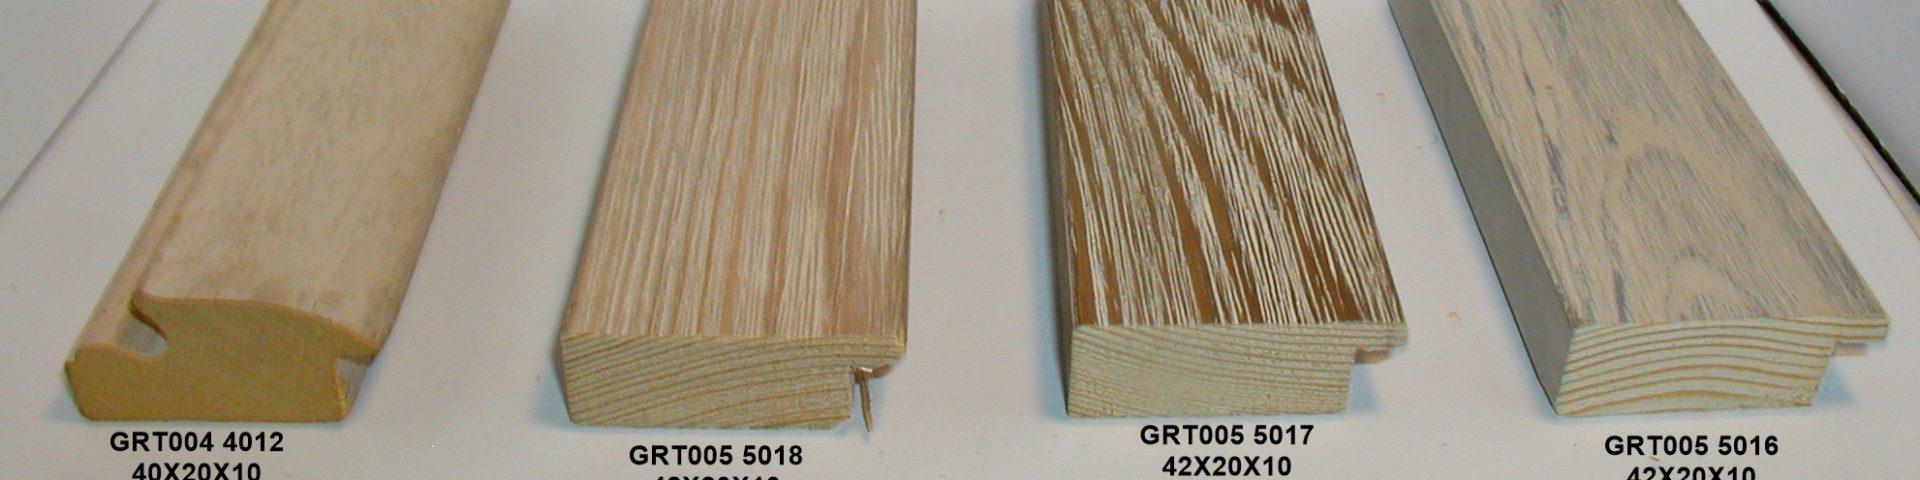 GRT004_17